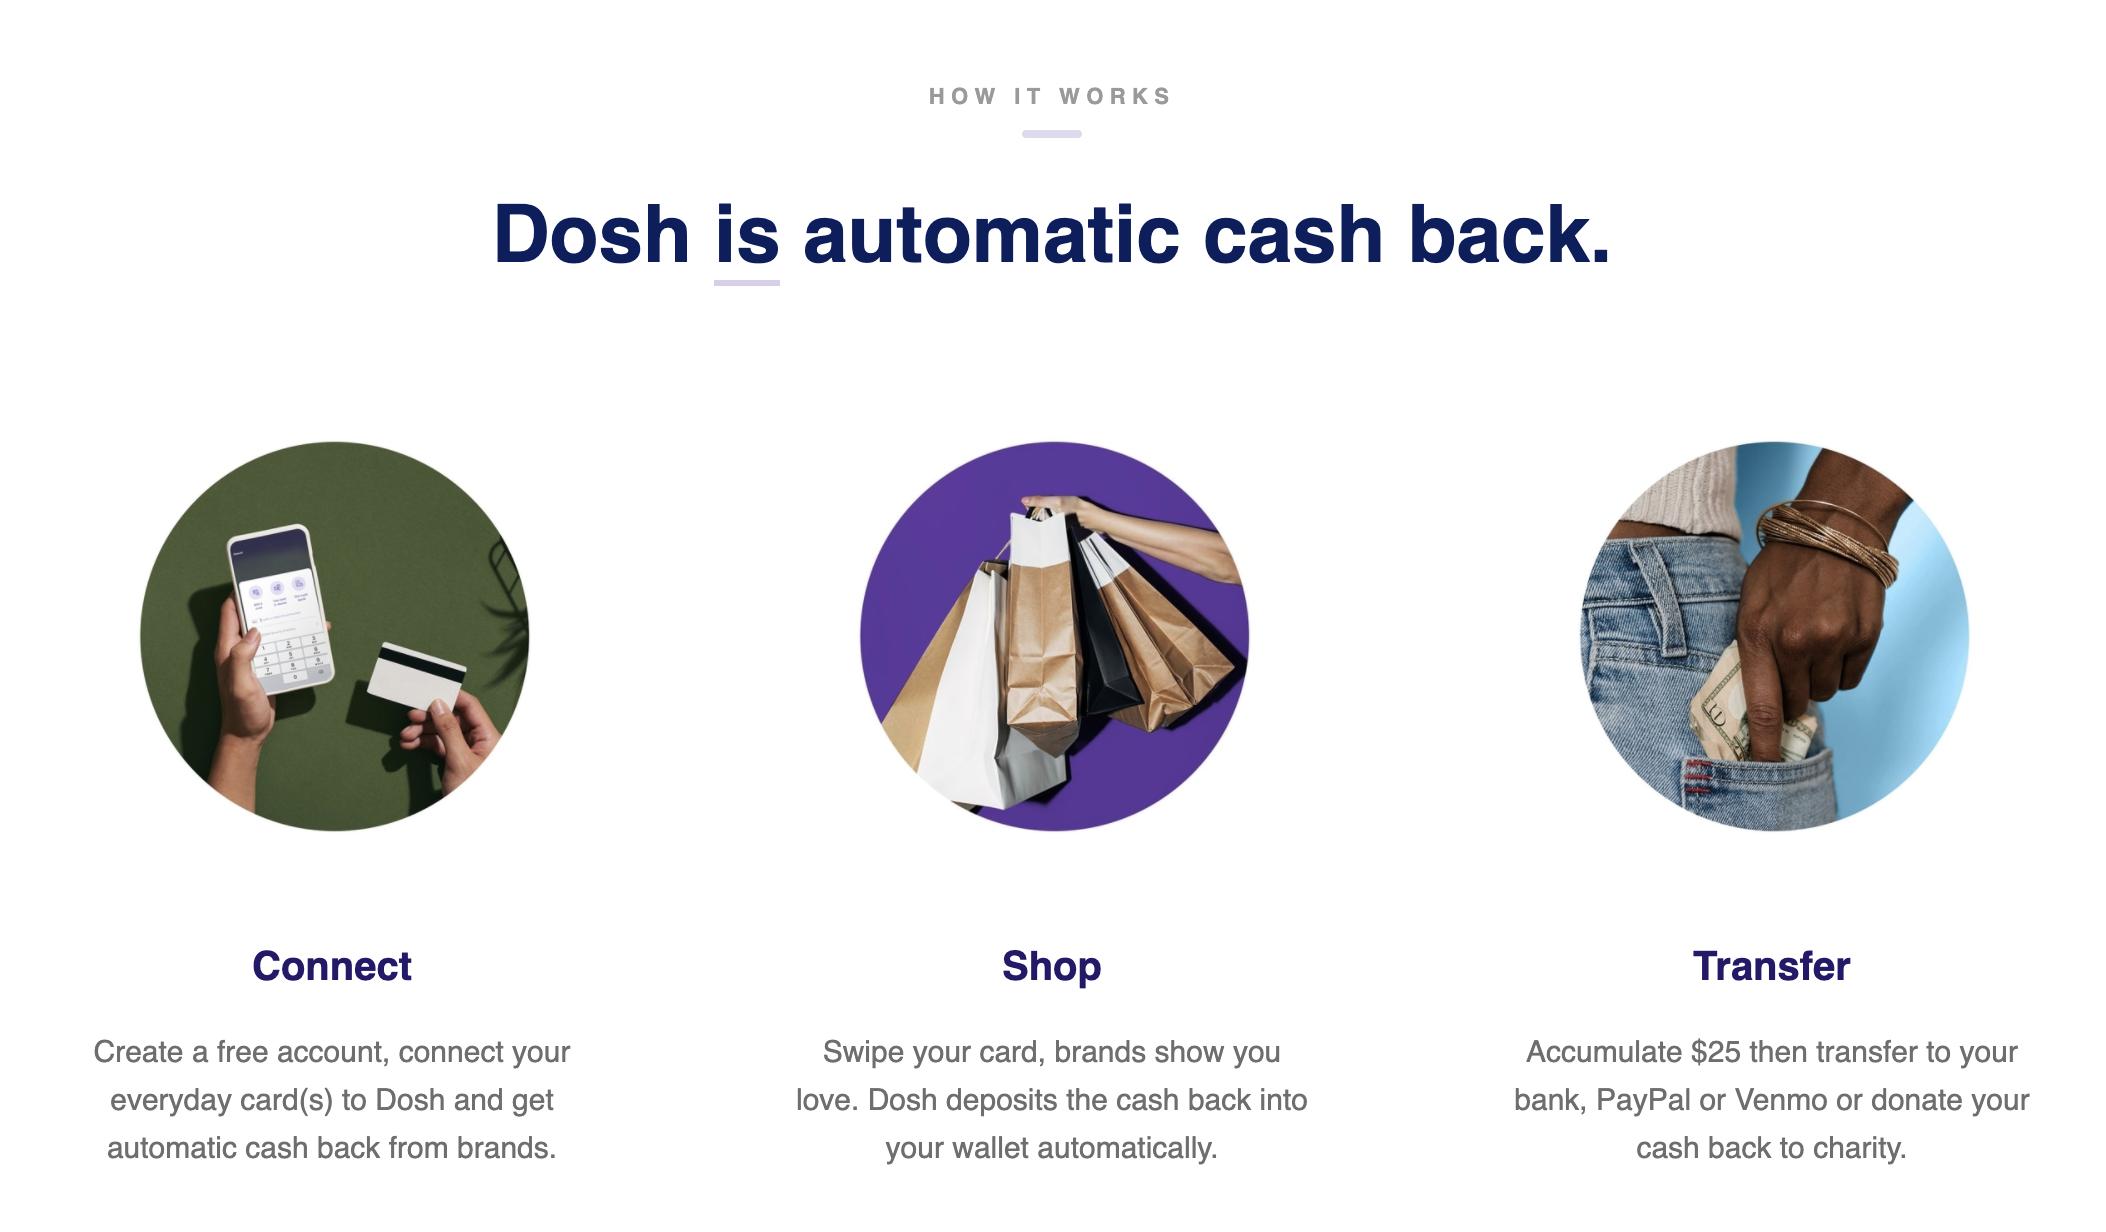 dosh automatic cash back